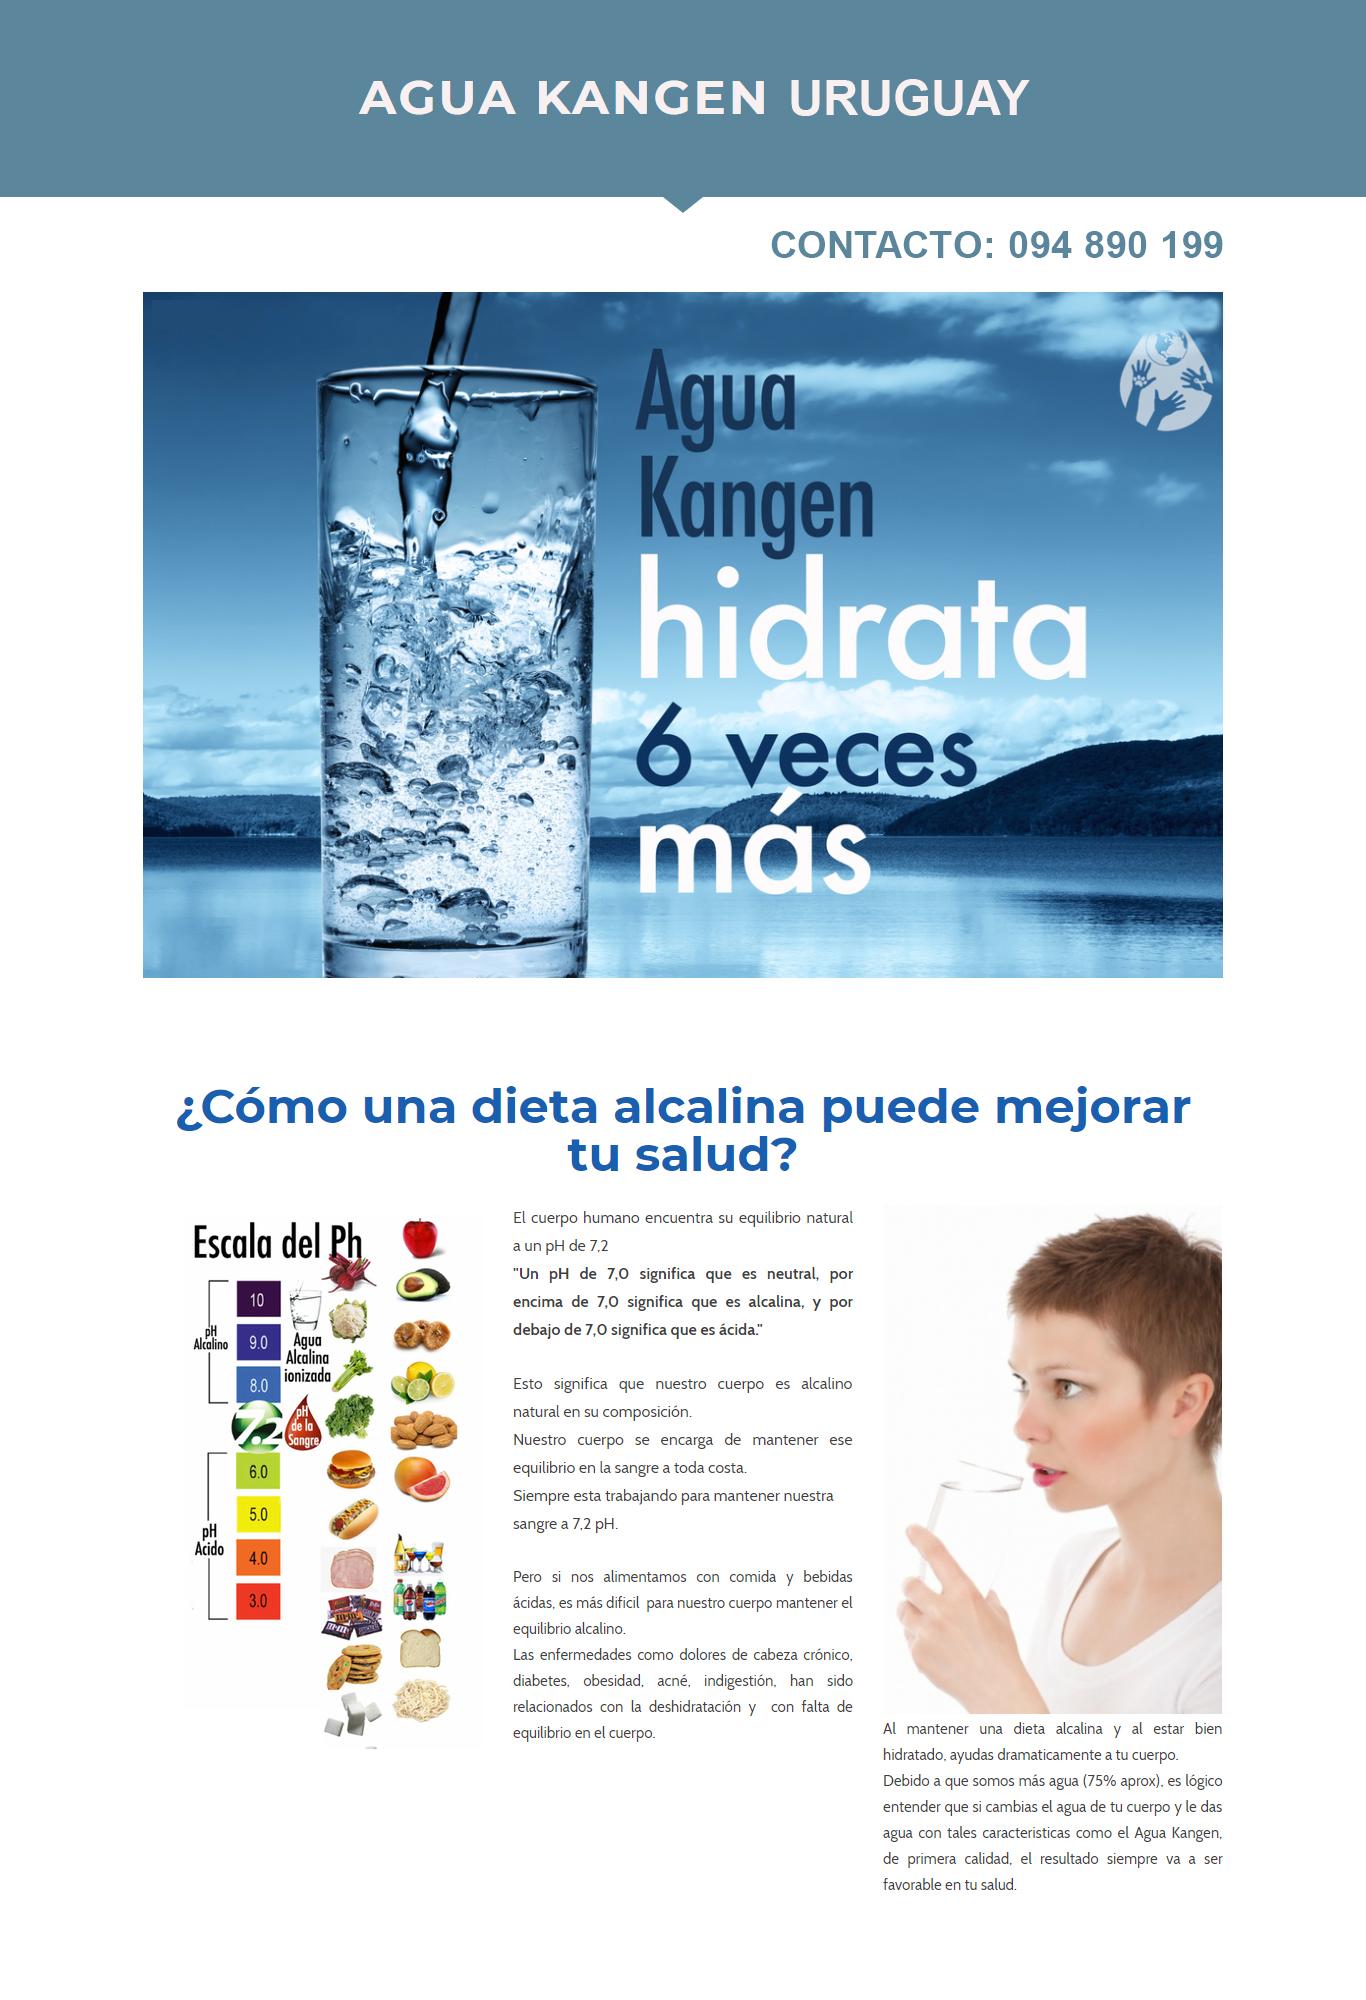 Agua Kagen Uruguay